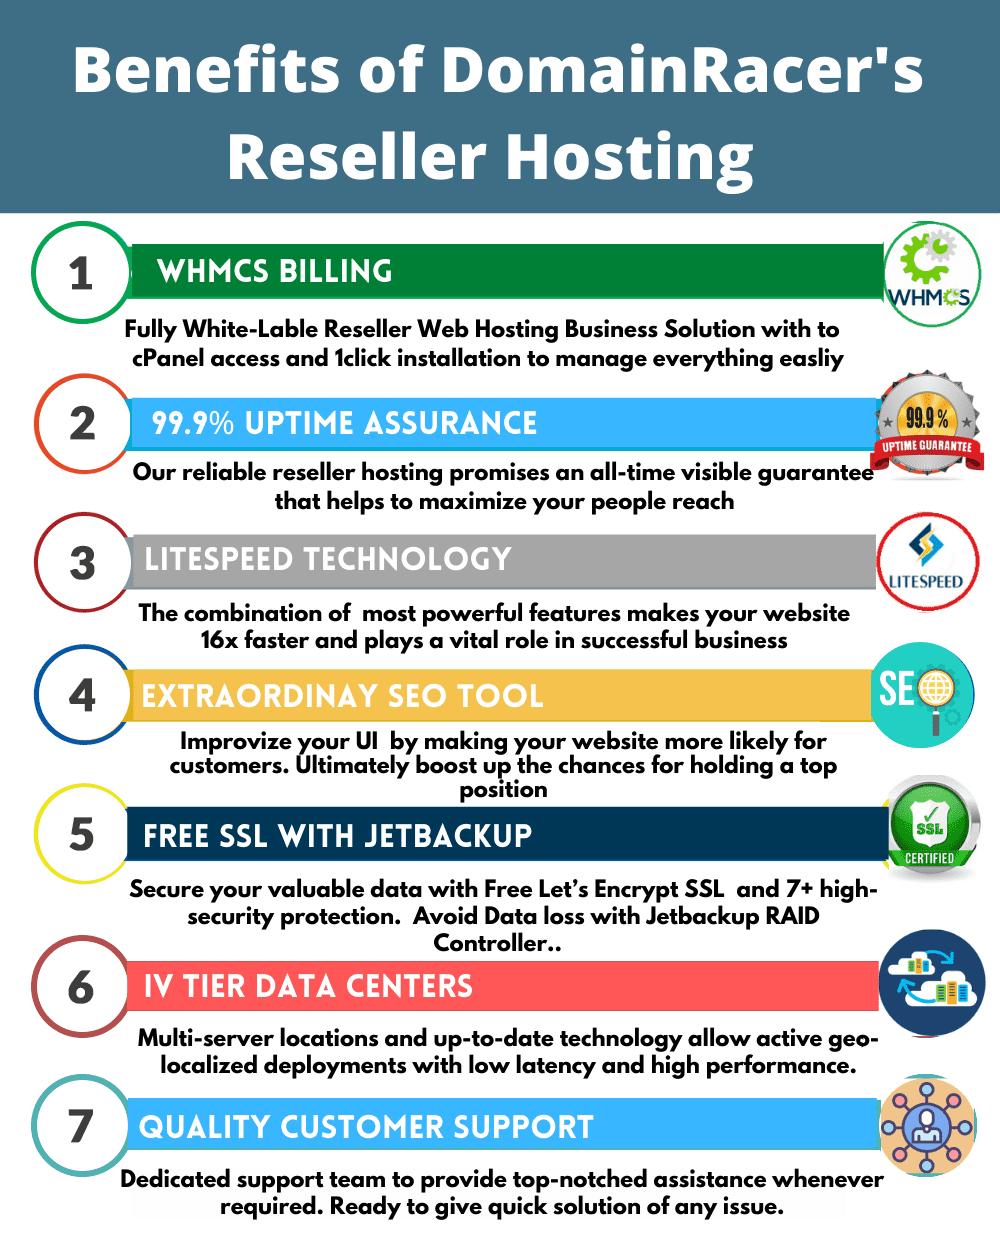 cheapest whm reseller hosting platform